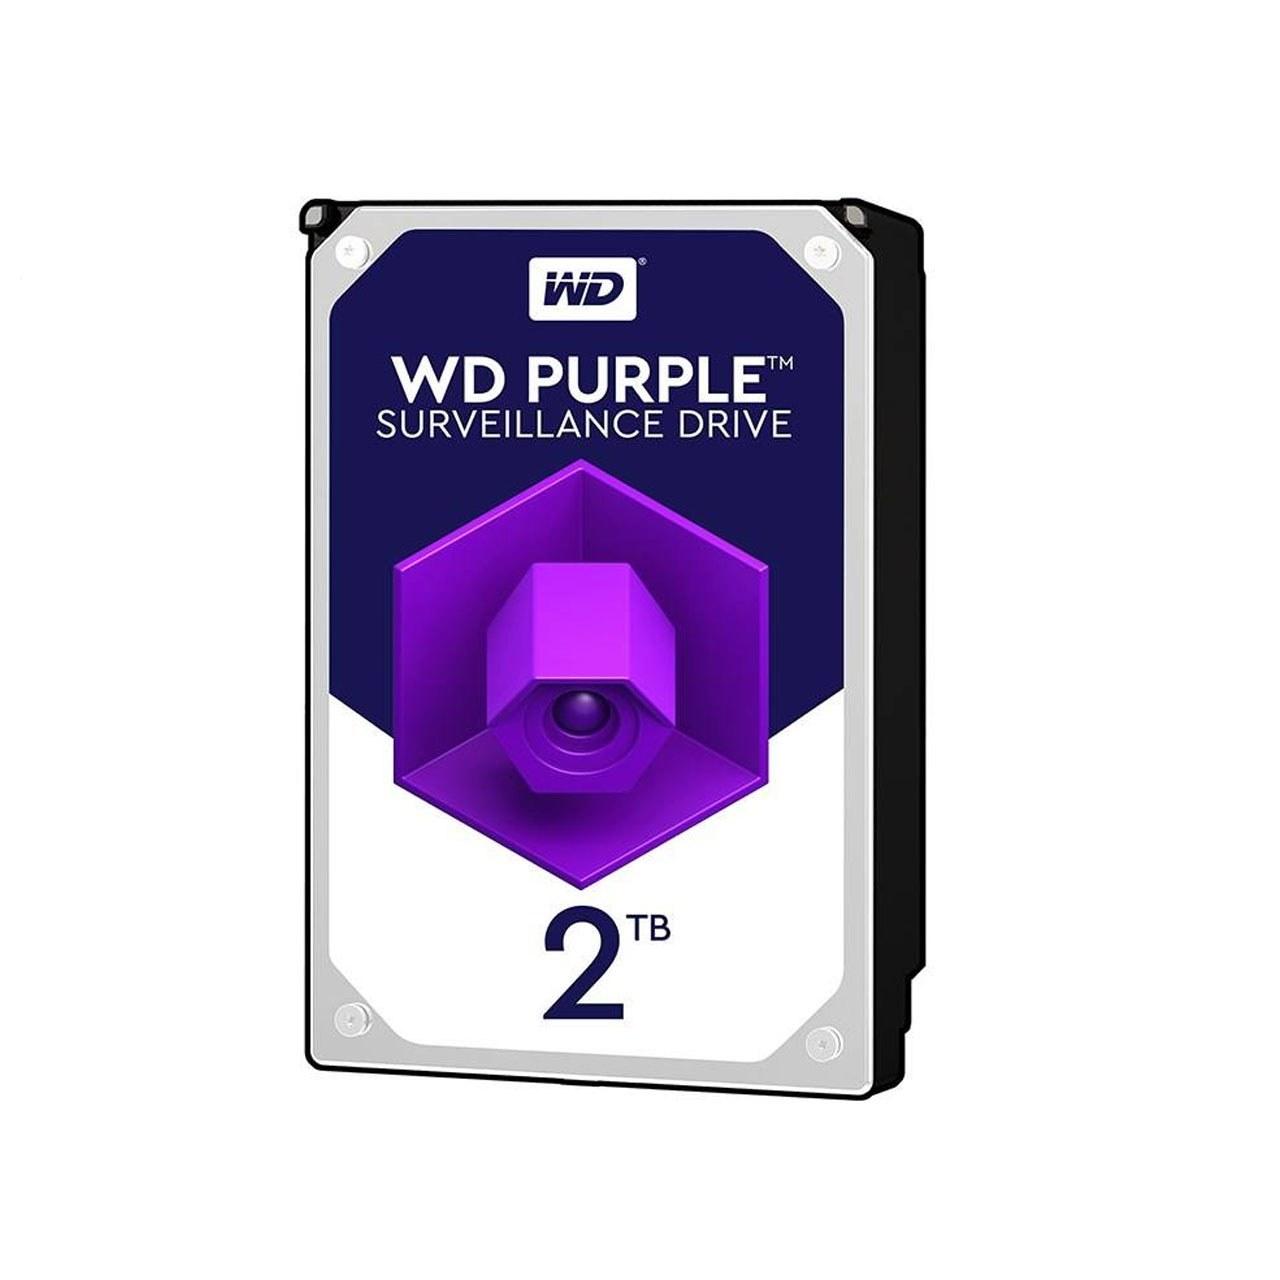 تصویر هارد وسترن دیجیتال Purple 2TB با گارانتی 24 ماهه اصلی